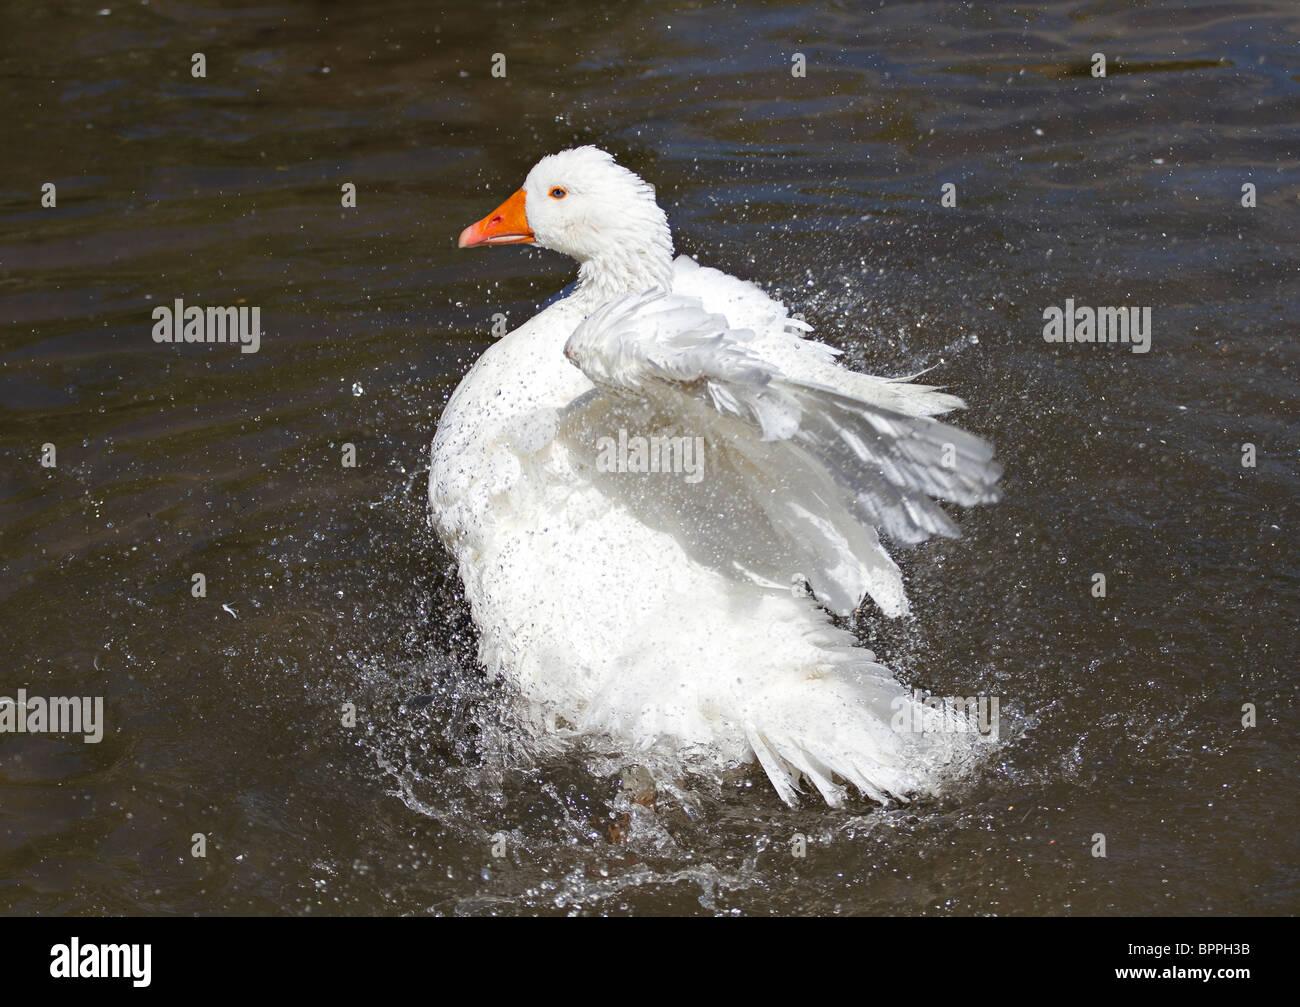 Aylesbury duck bathing - Stock Image